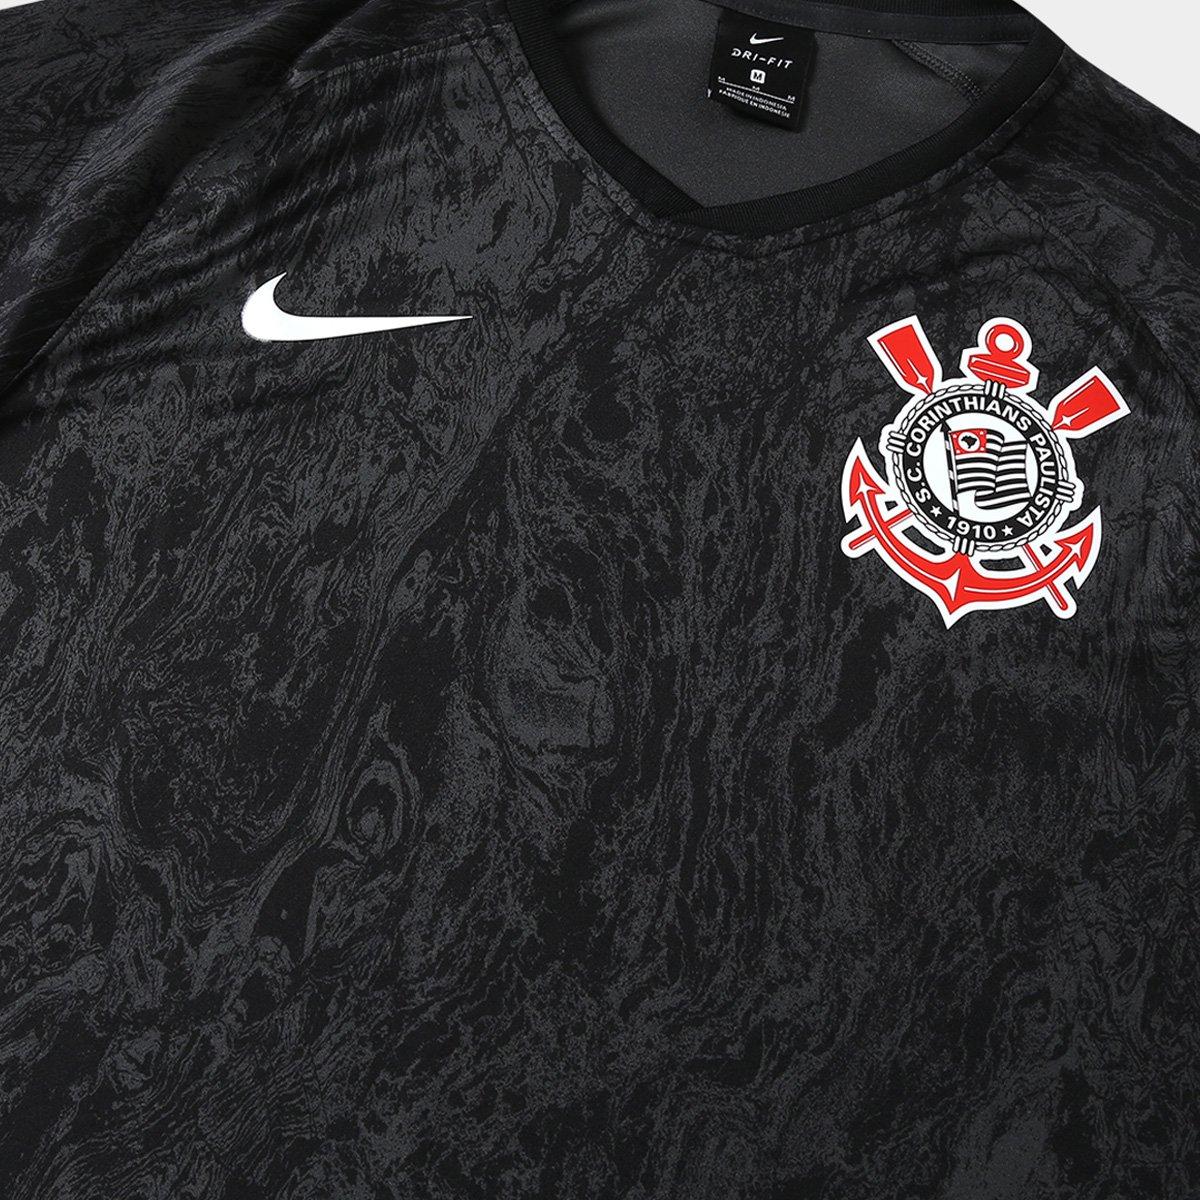 Camisa Corinthians II 2018 s n° - Torcedor Estádio Nike Masculina ... 67be8025be44b